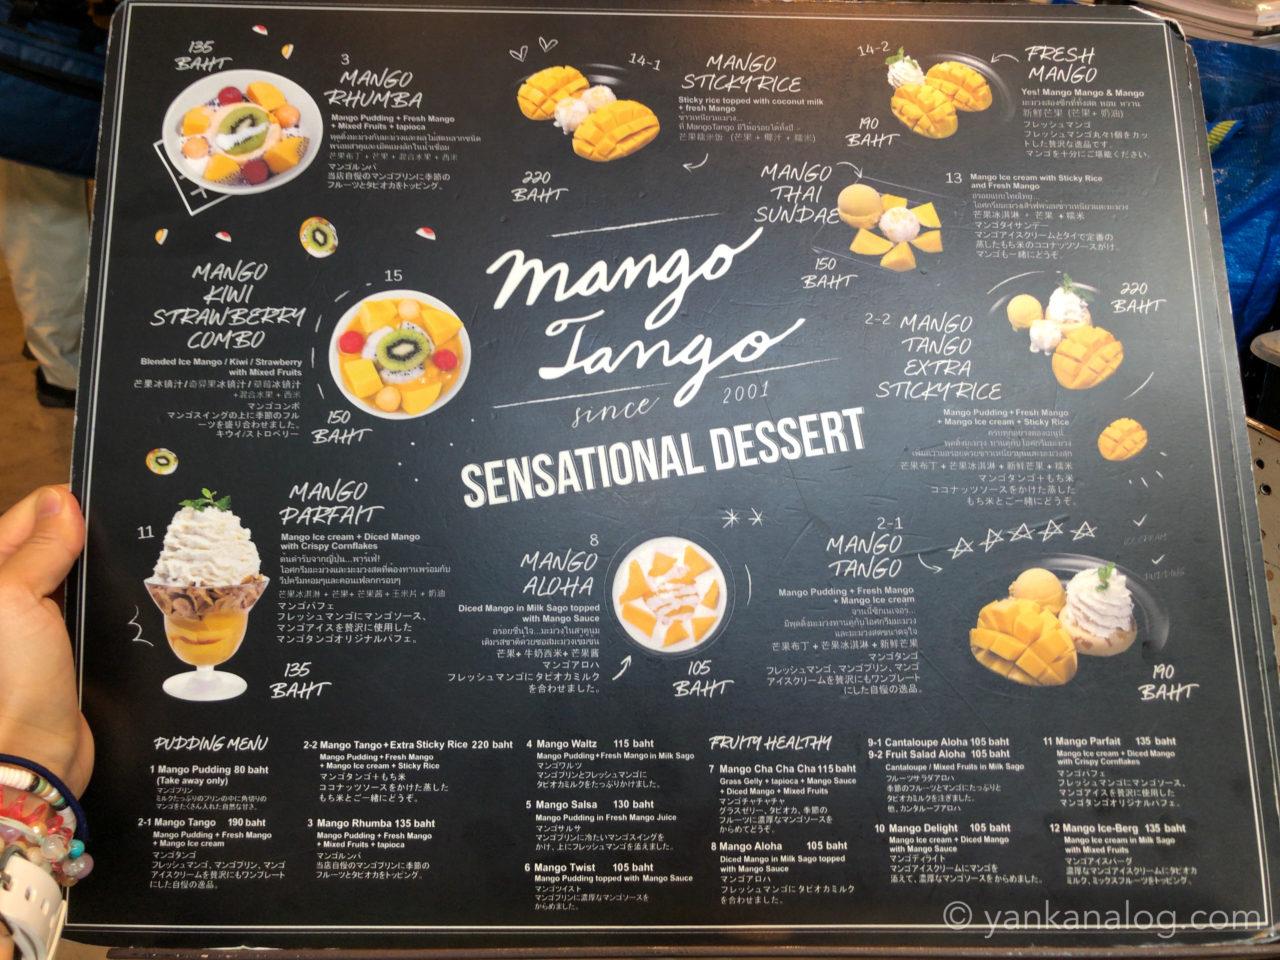 マンゴタンゴのメニュー